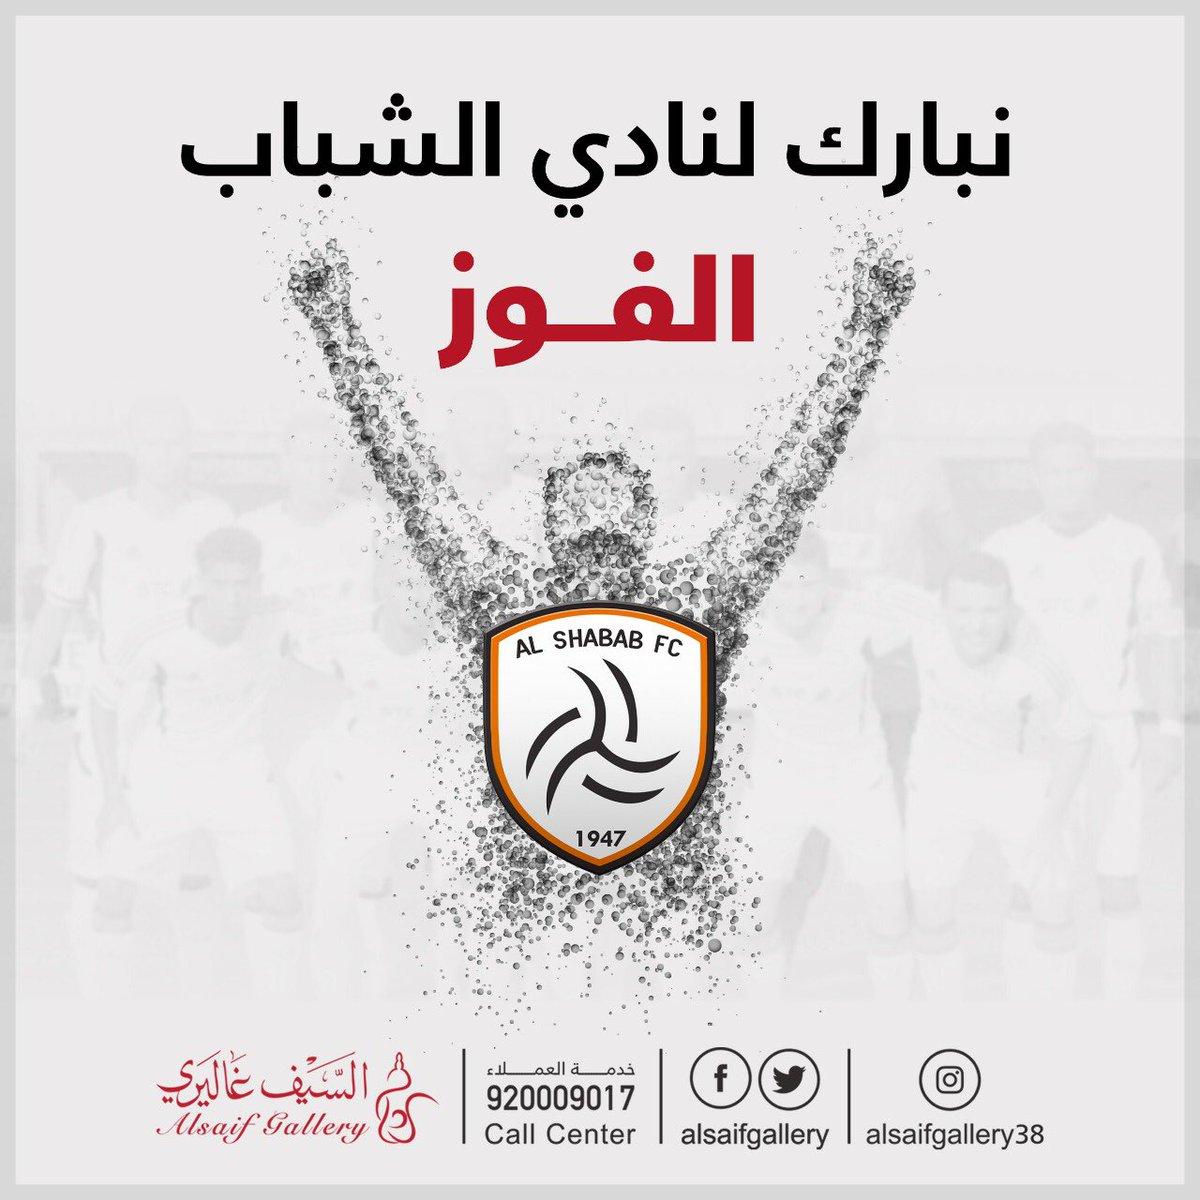 السيف غاليري's photo on #الفيحاء_الشباب